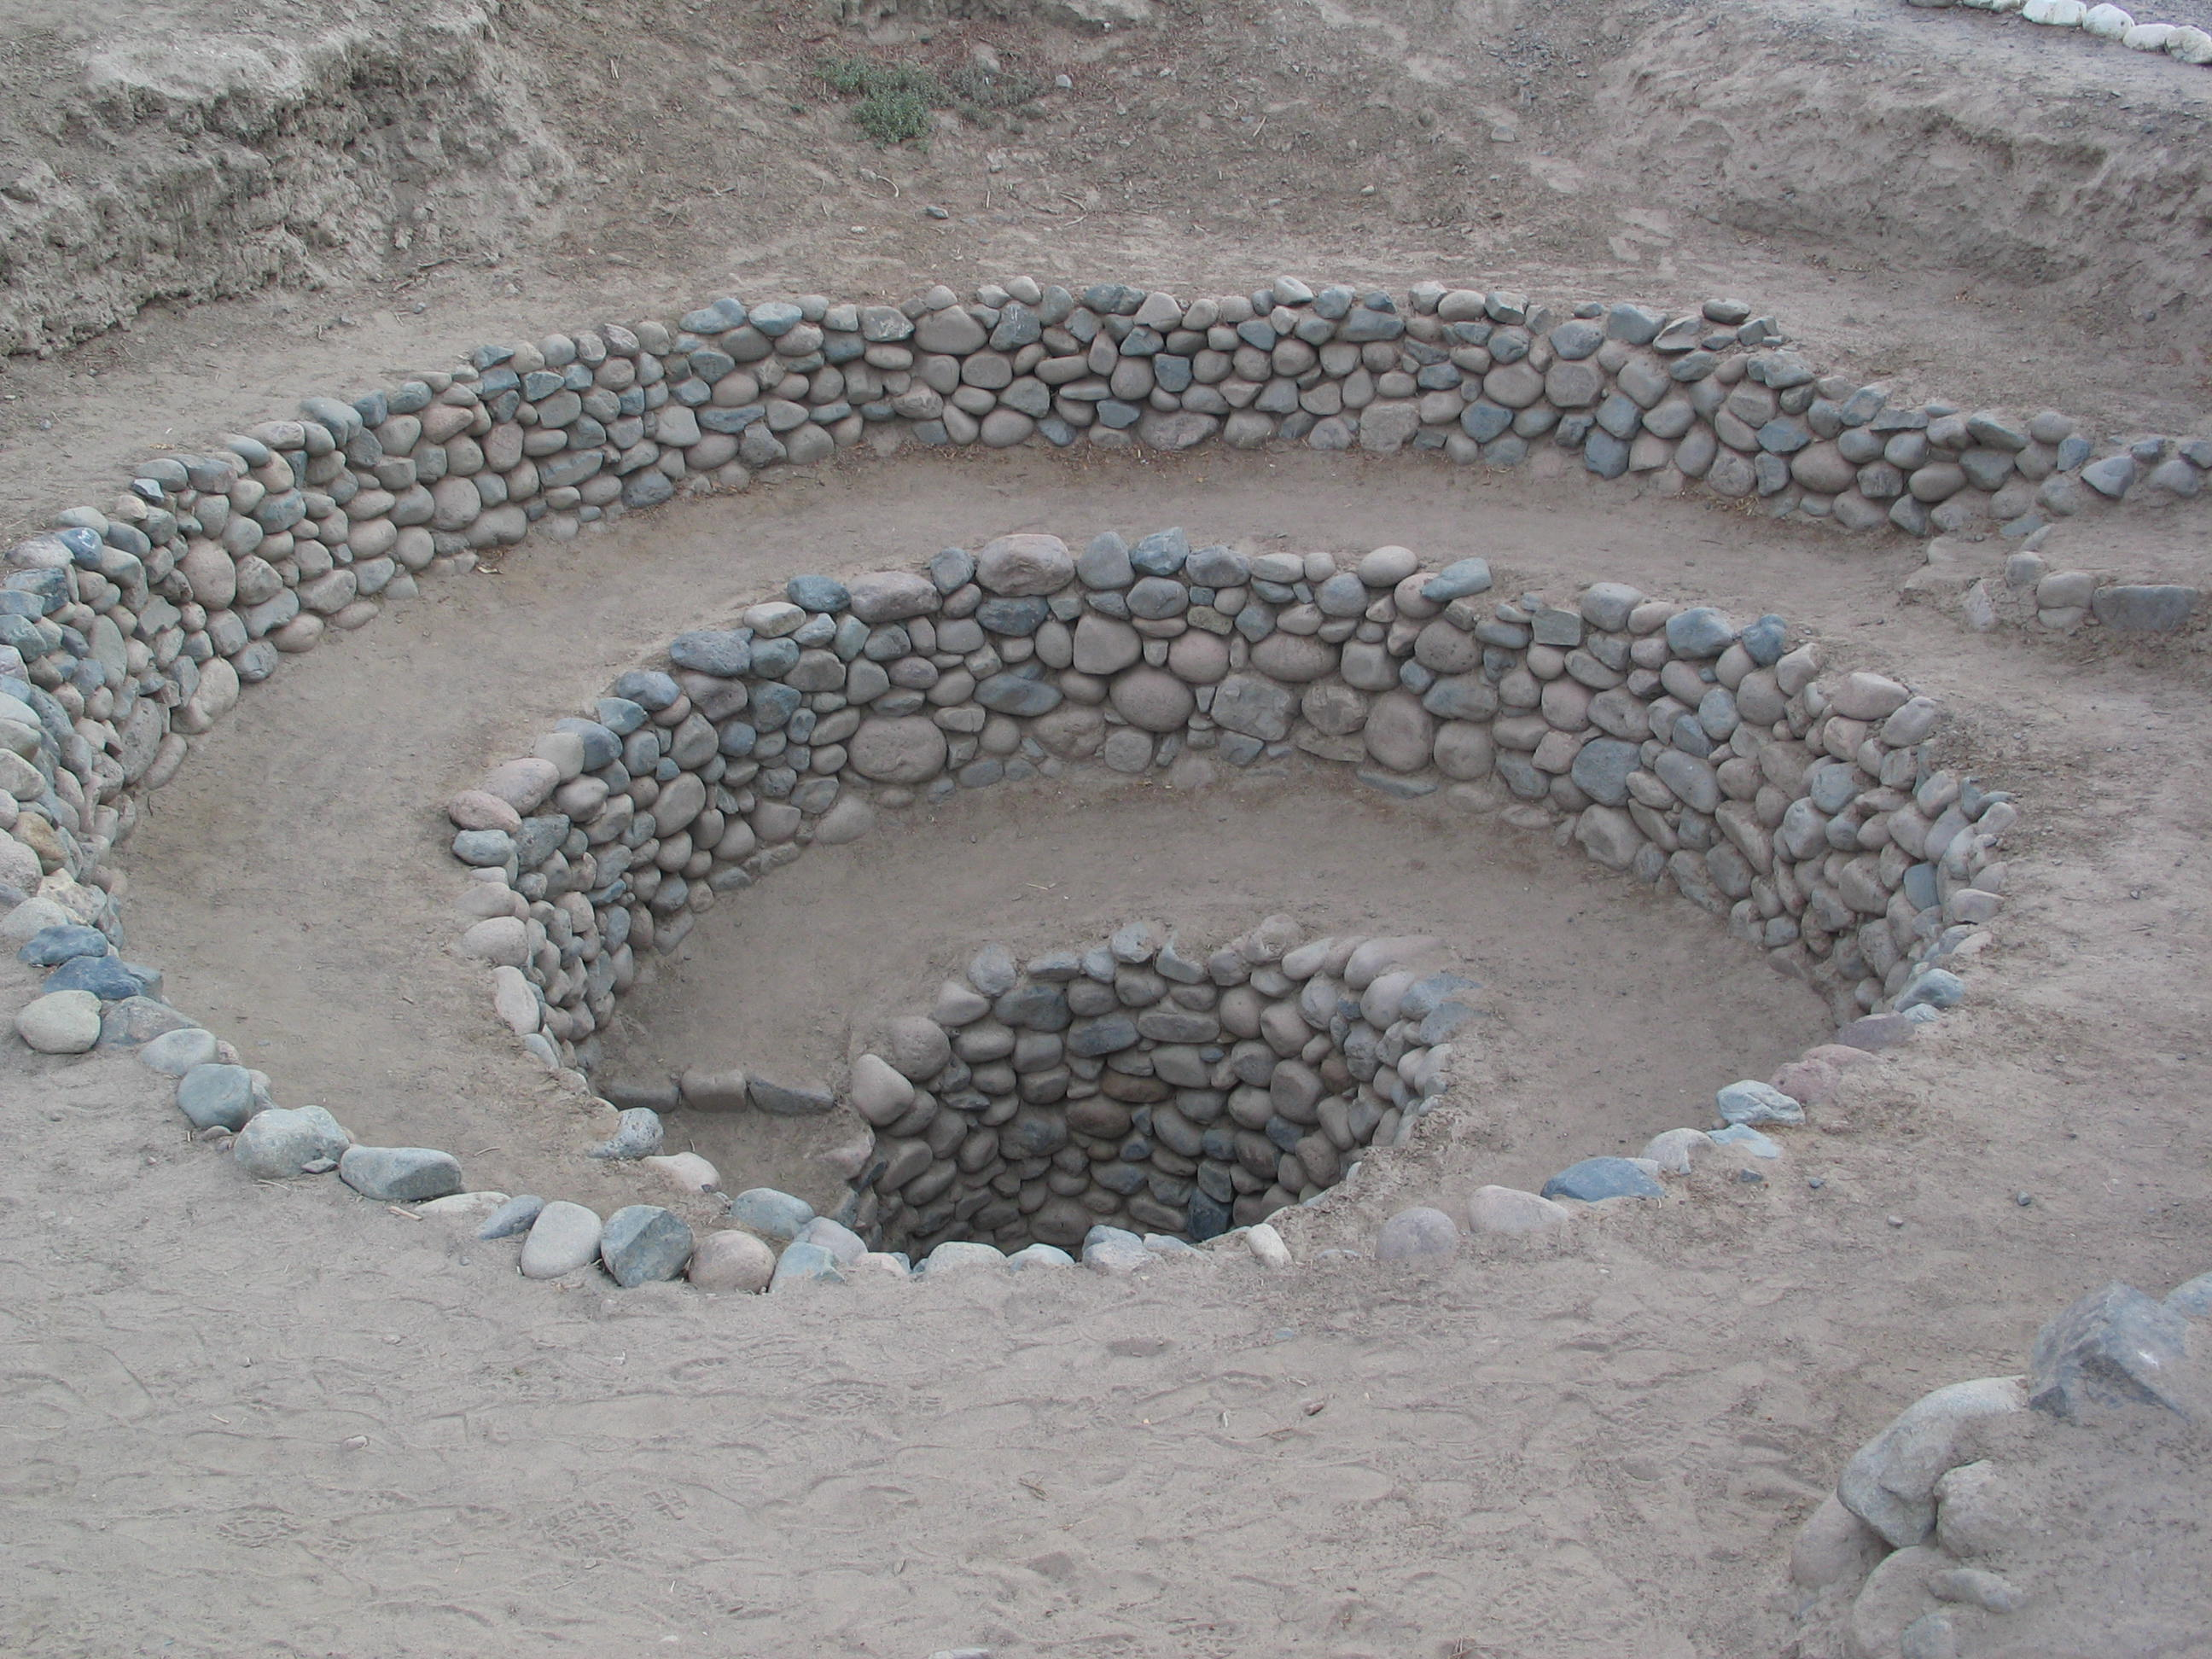 Puquios_aqueduct_Nazca_Peru